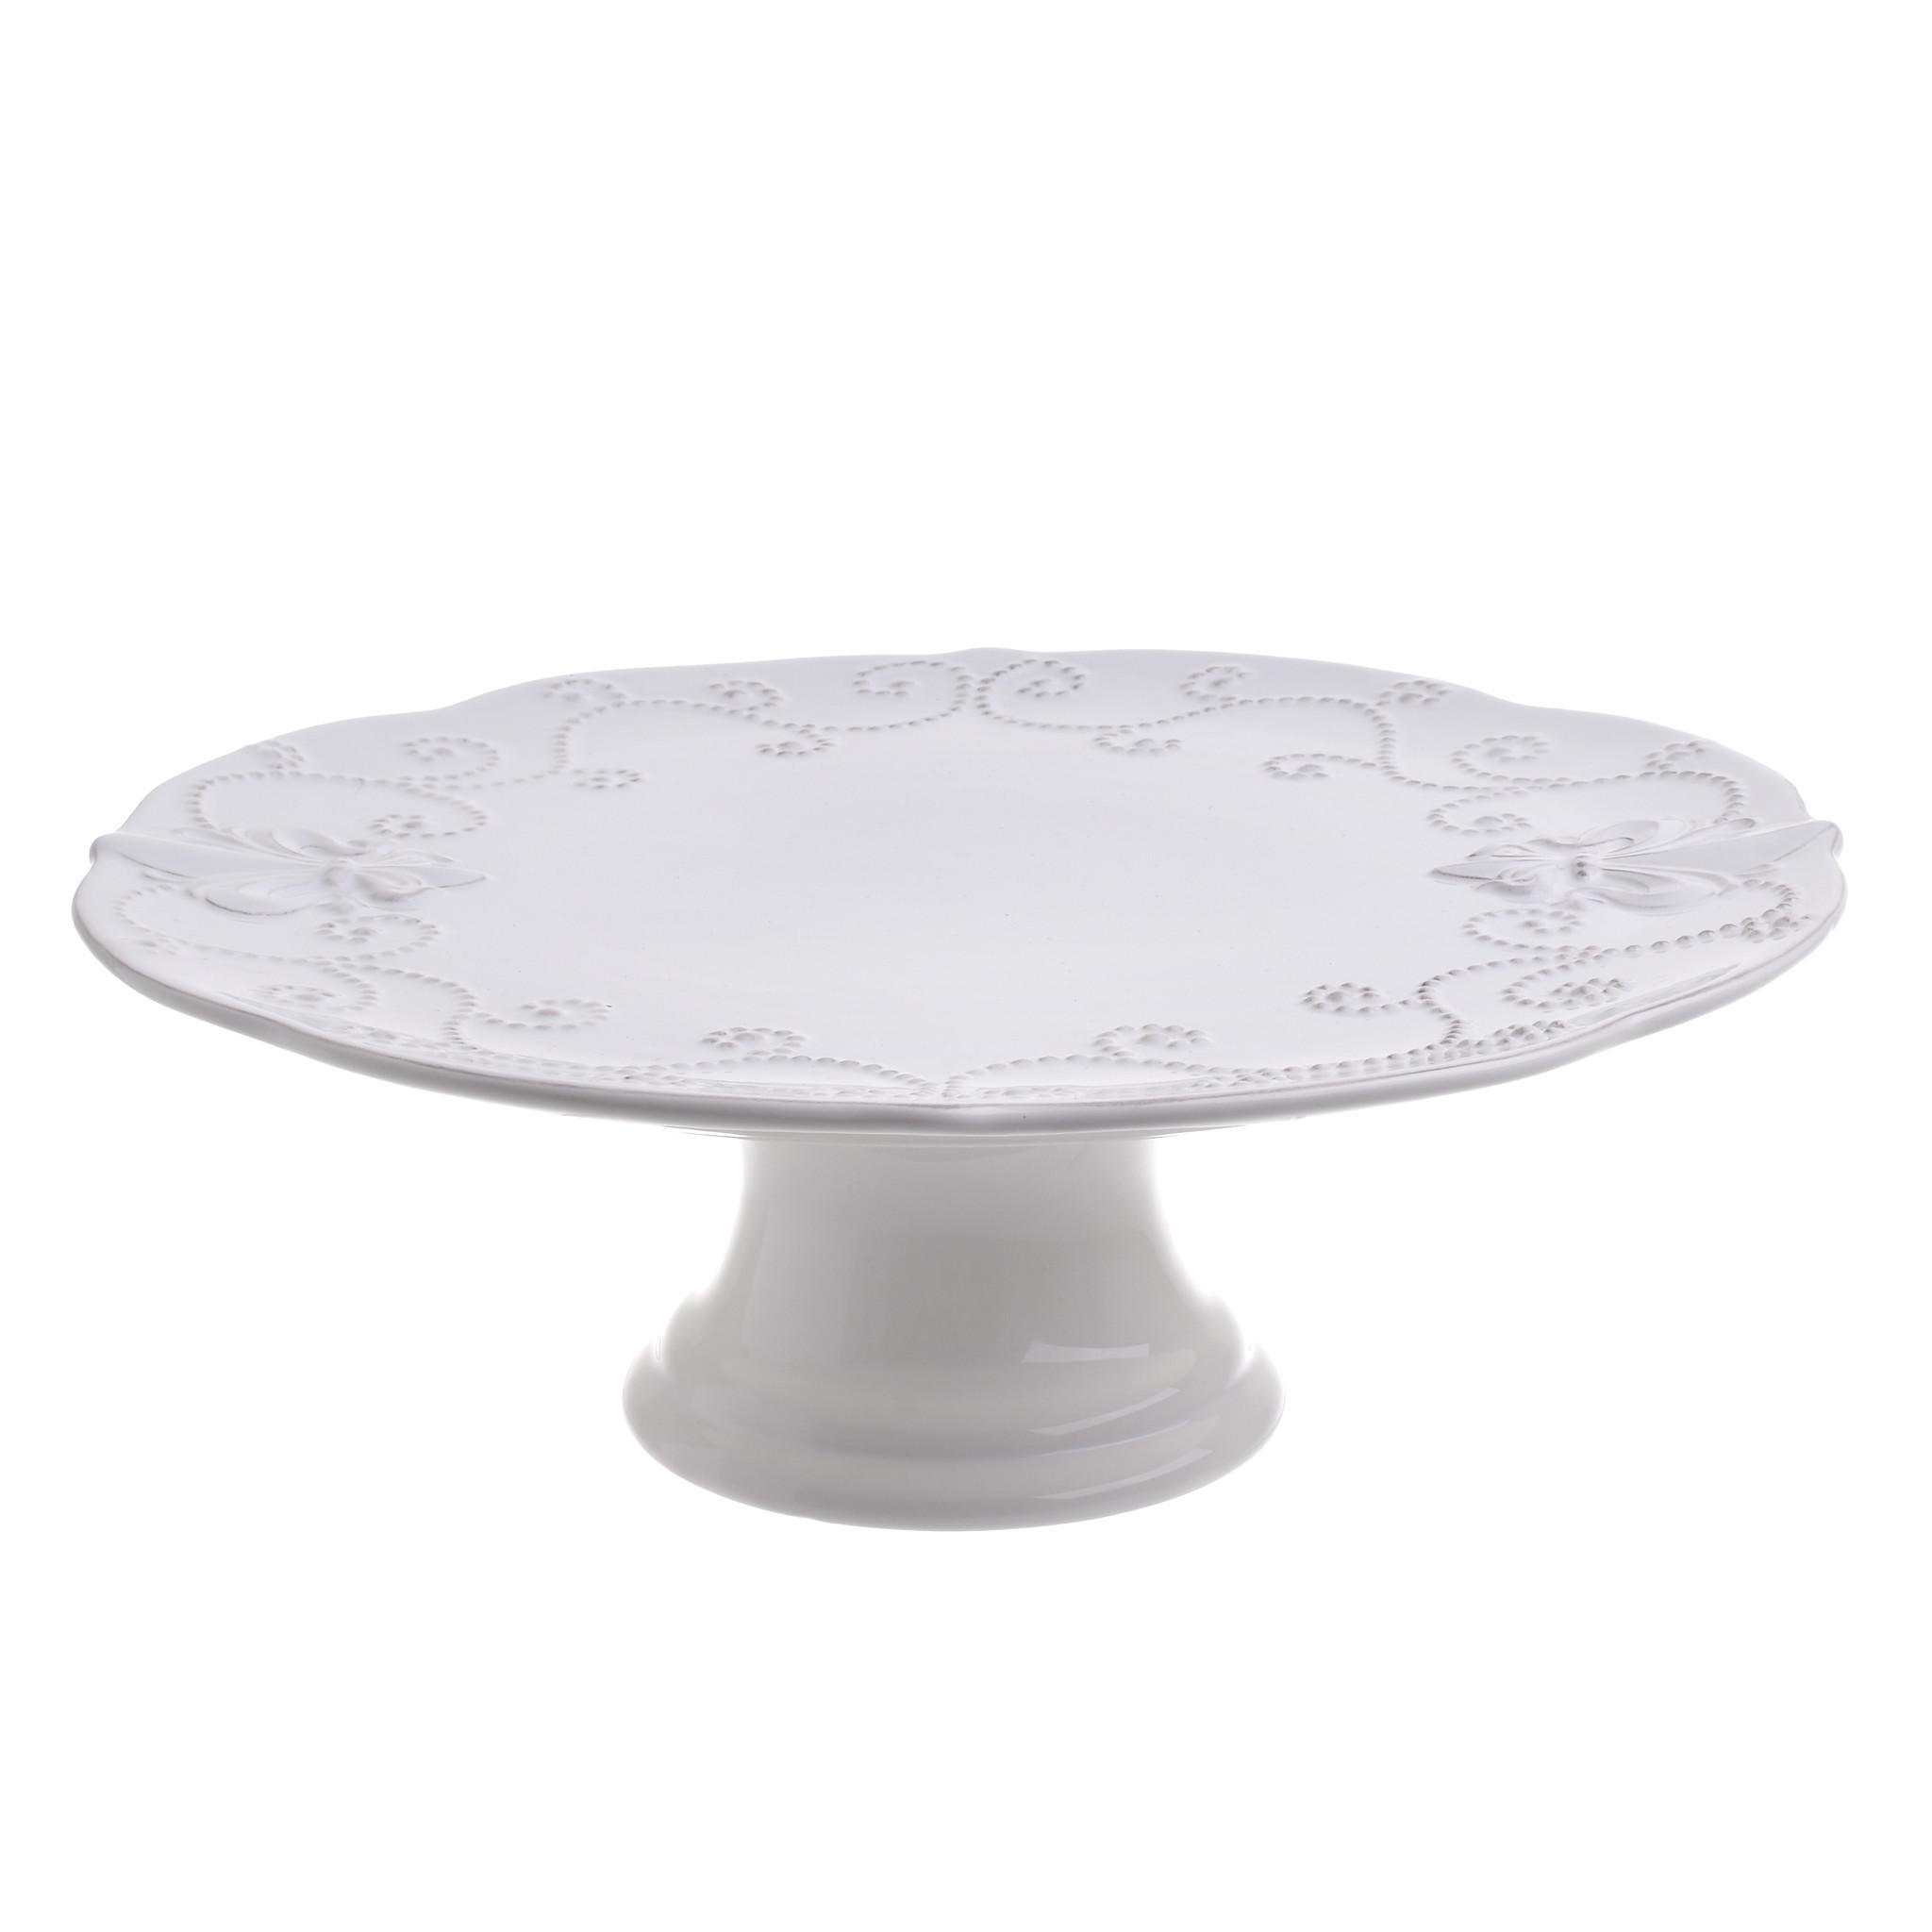 Подставка для торта PhilomelaПодставки и доски<br><br><br>Material: Керамика<br>Высота см: 8